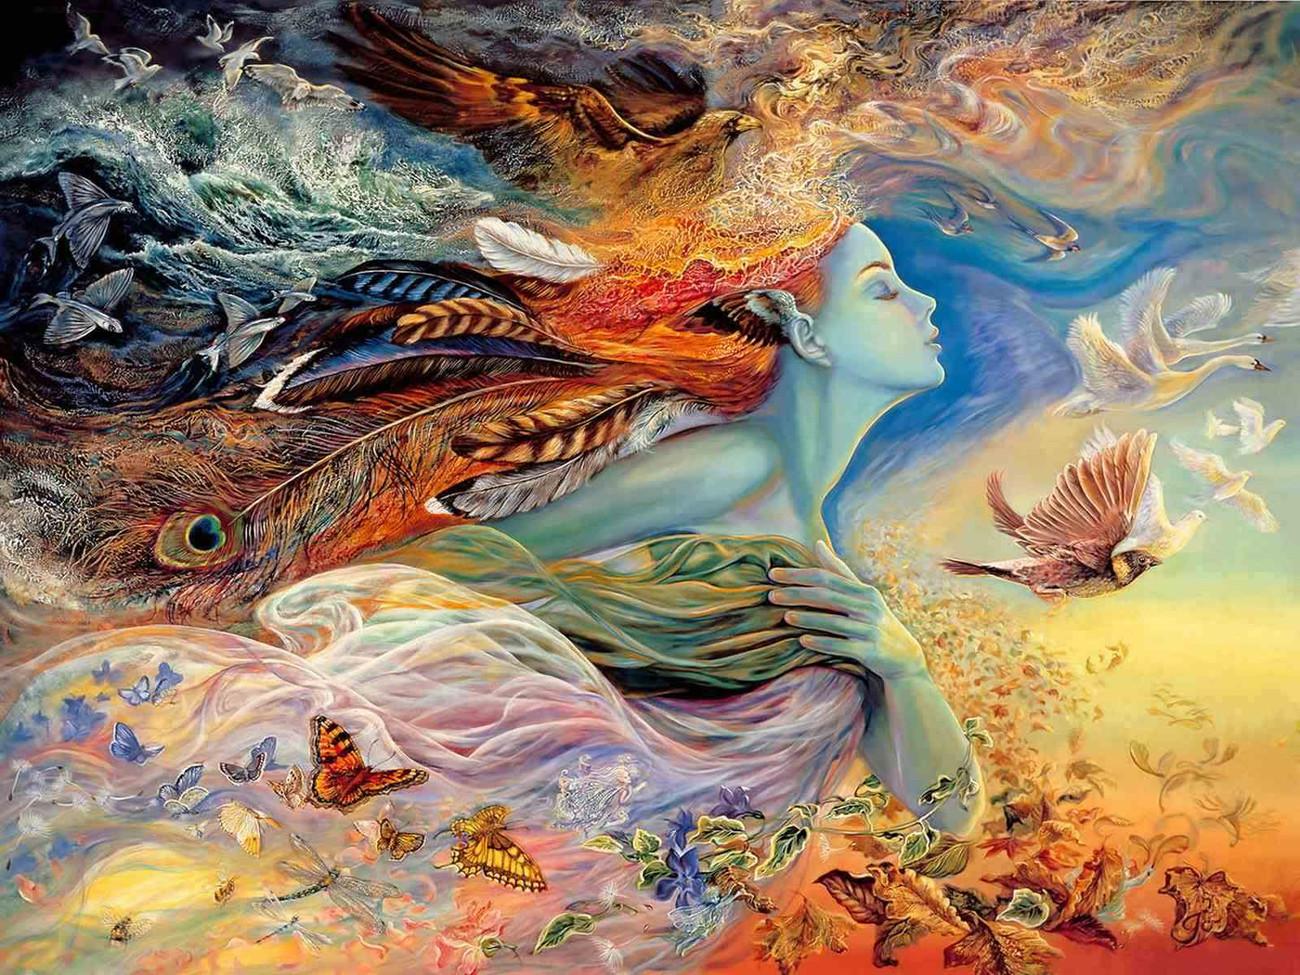 Картинка Полет Бабочки из коллекции Обои для рабочего стола Фэнтези